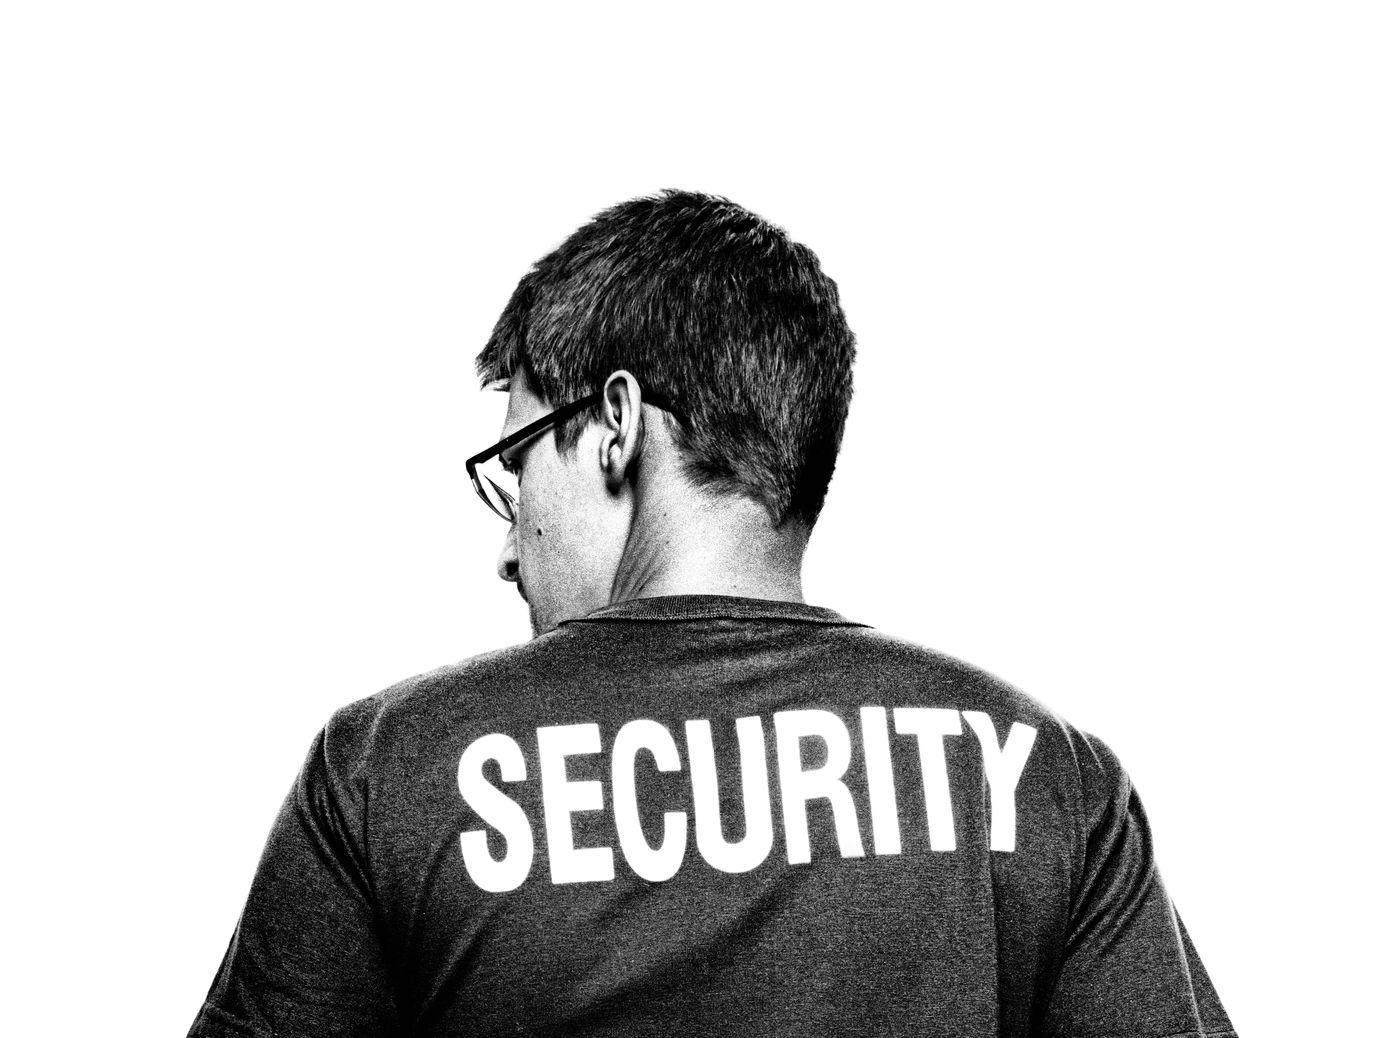 Edward Snowden: The Internet Is Broken